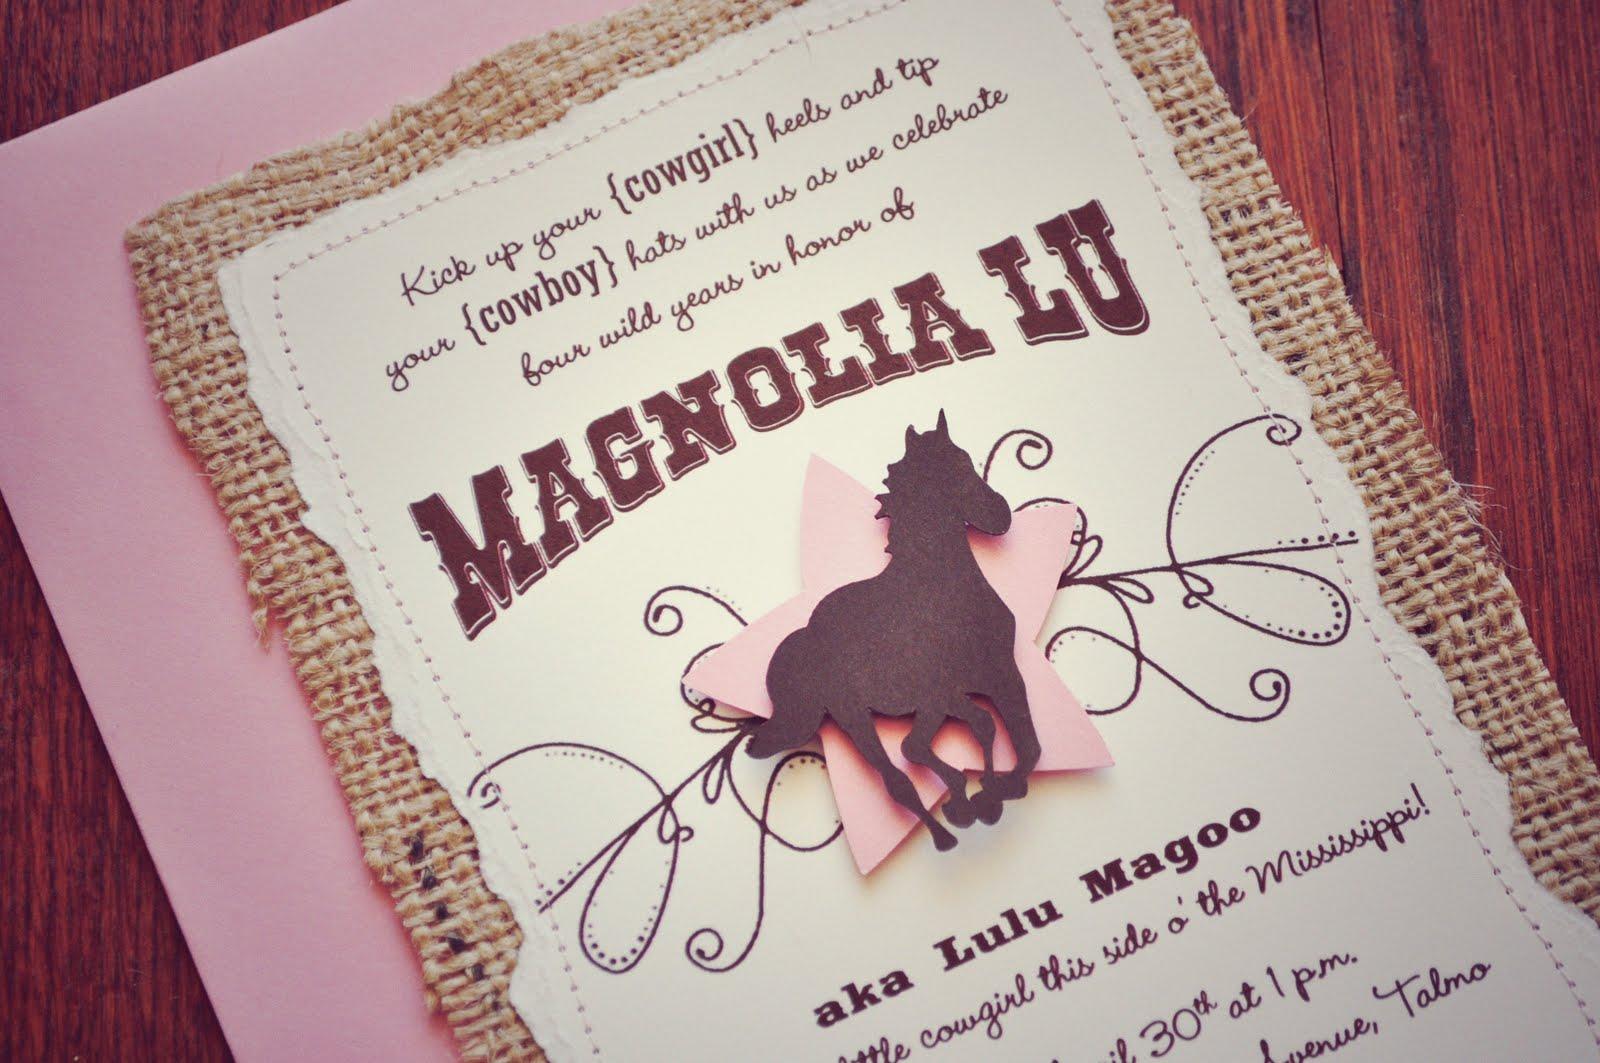 horse themed birthday party invitations - Horse Party Invitations